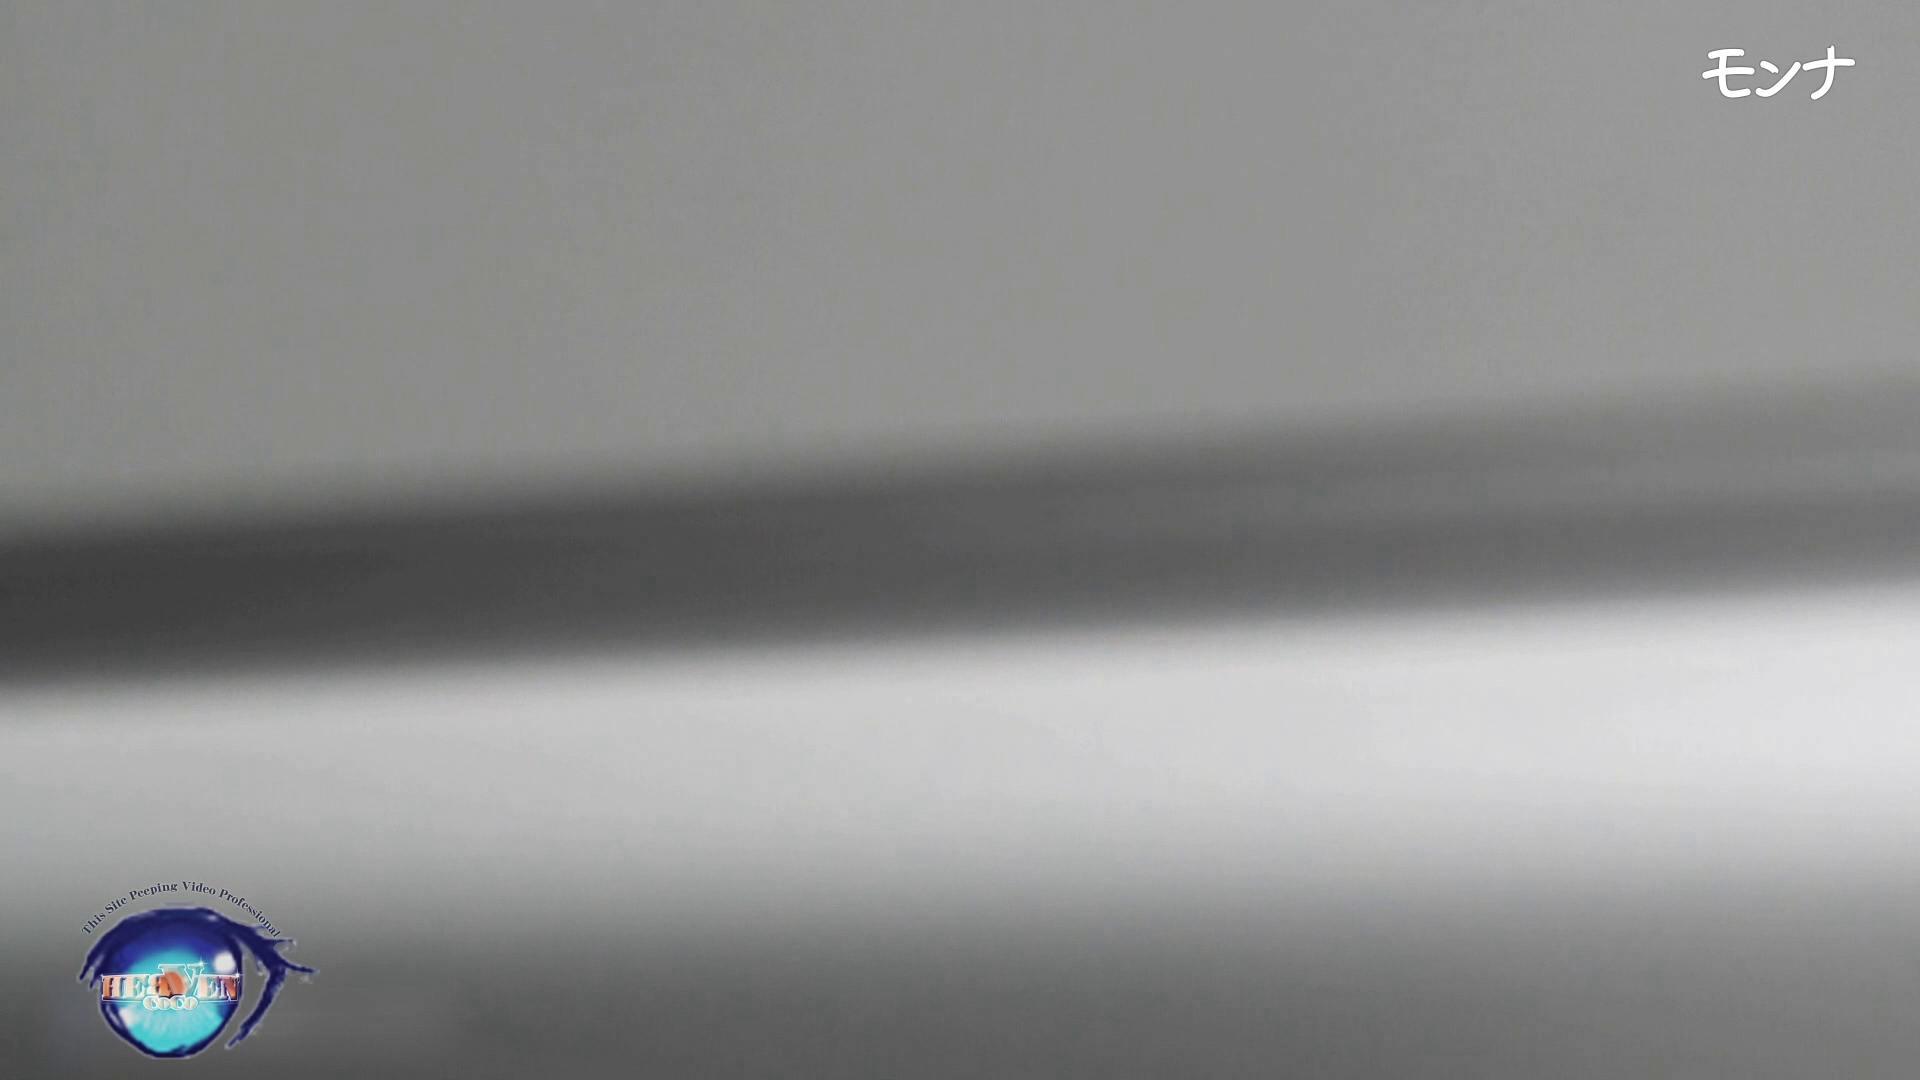 【美しい日本の未来】美しい日本の未来 No.75 たまらないくびれ 2 生え茂る 盗撮師作品  70pic 40